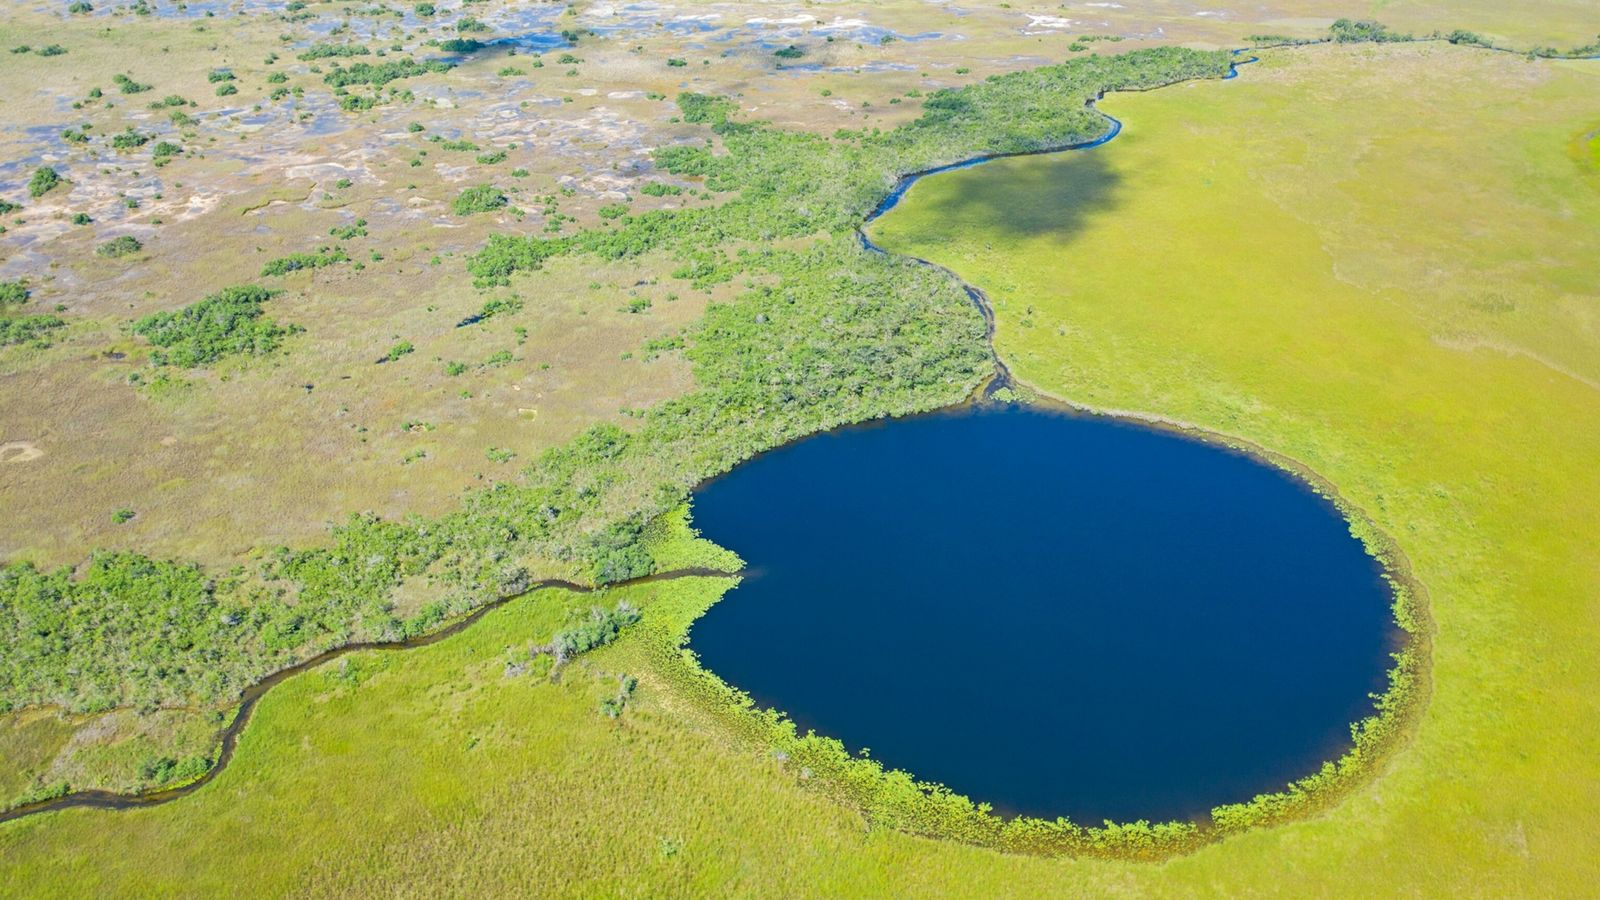 lagoon-el-cacahuate